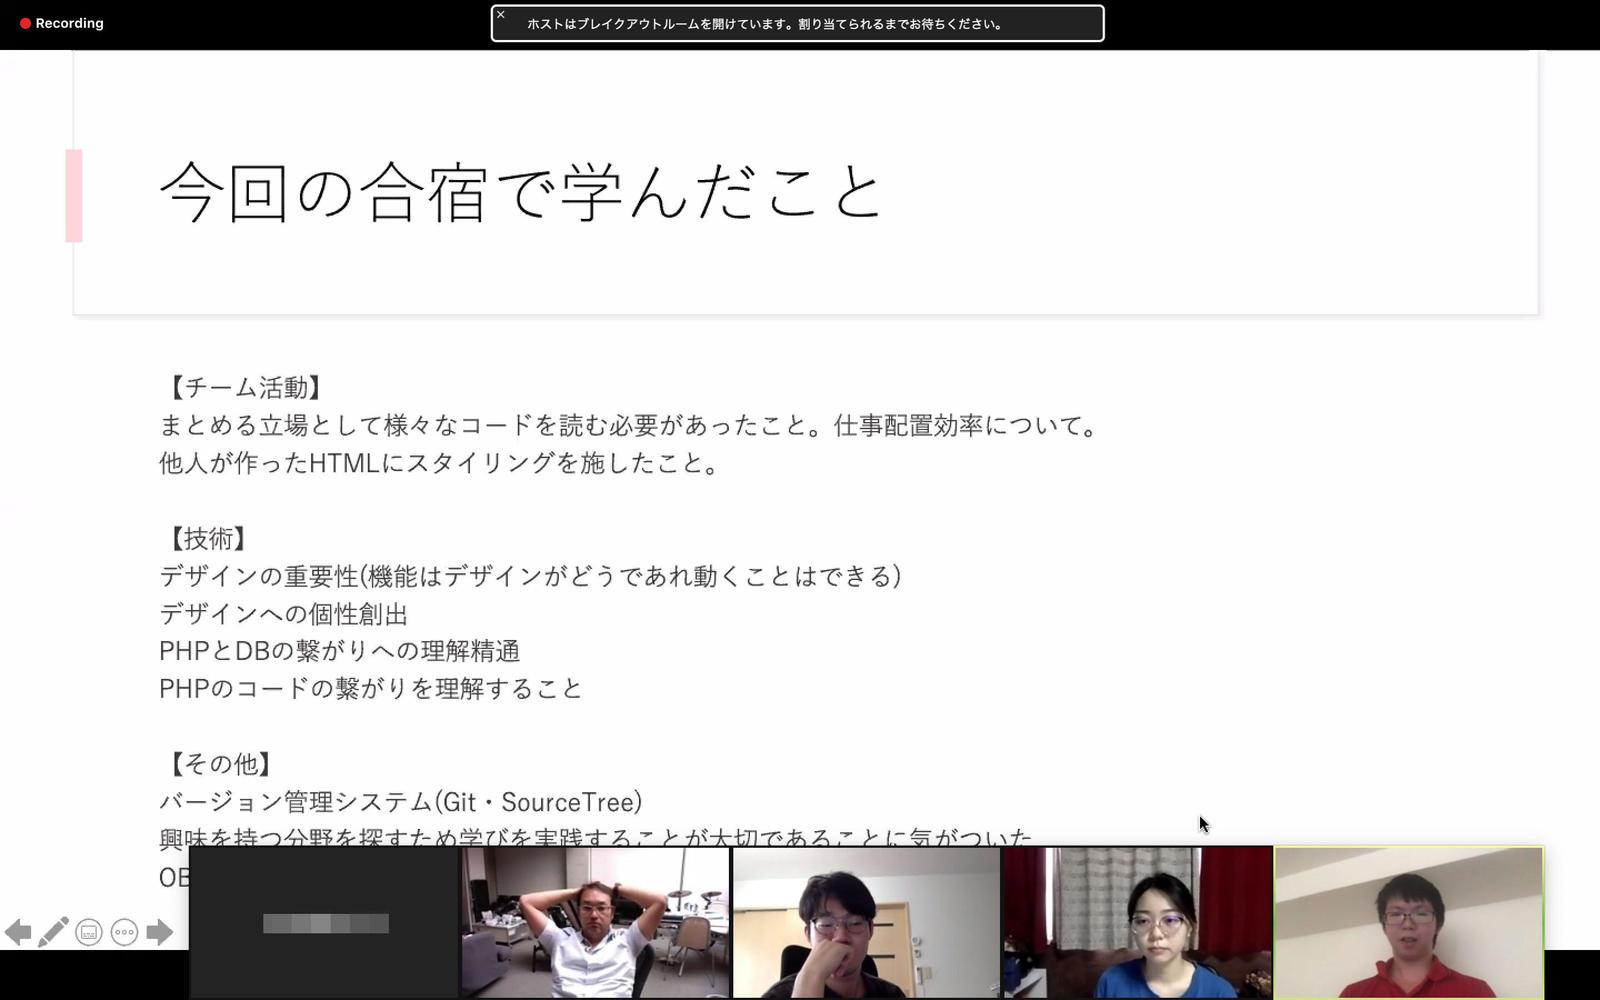 20200914_オンライン合同合宿_photo4.jpg